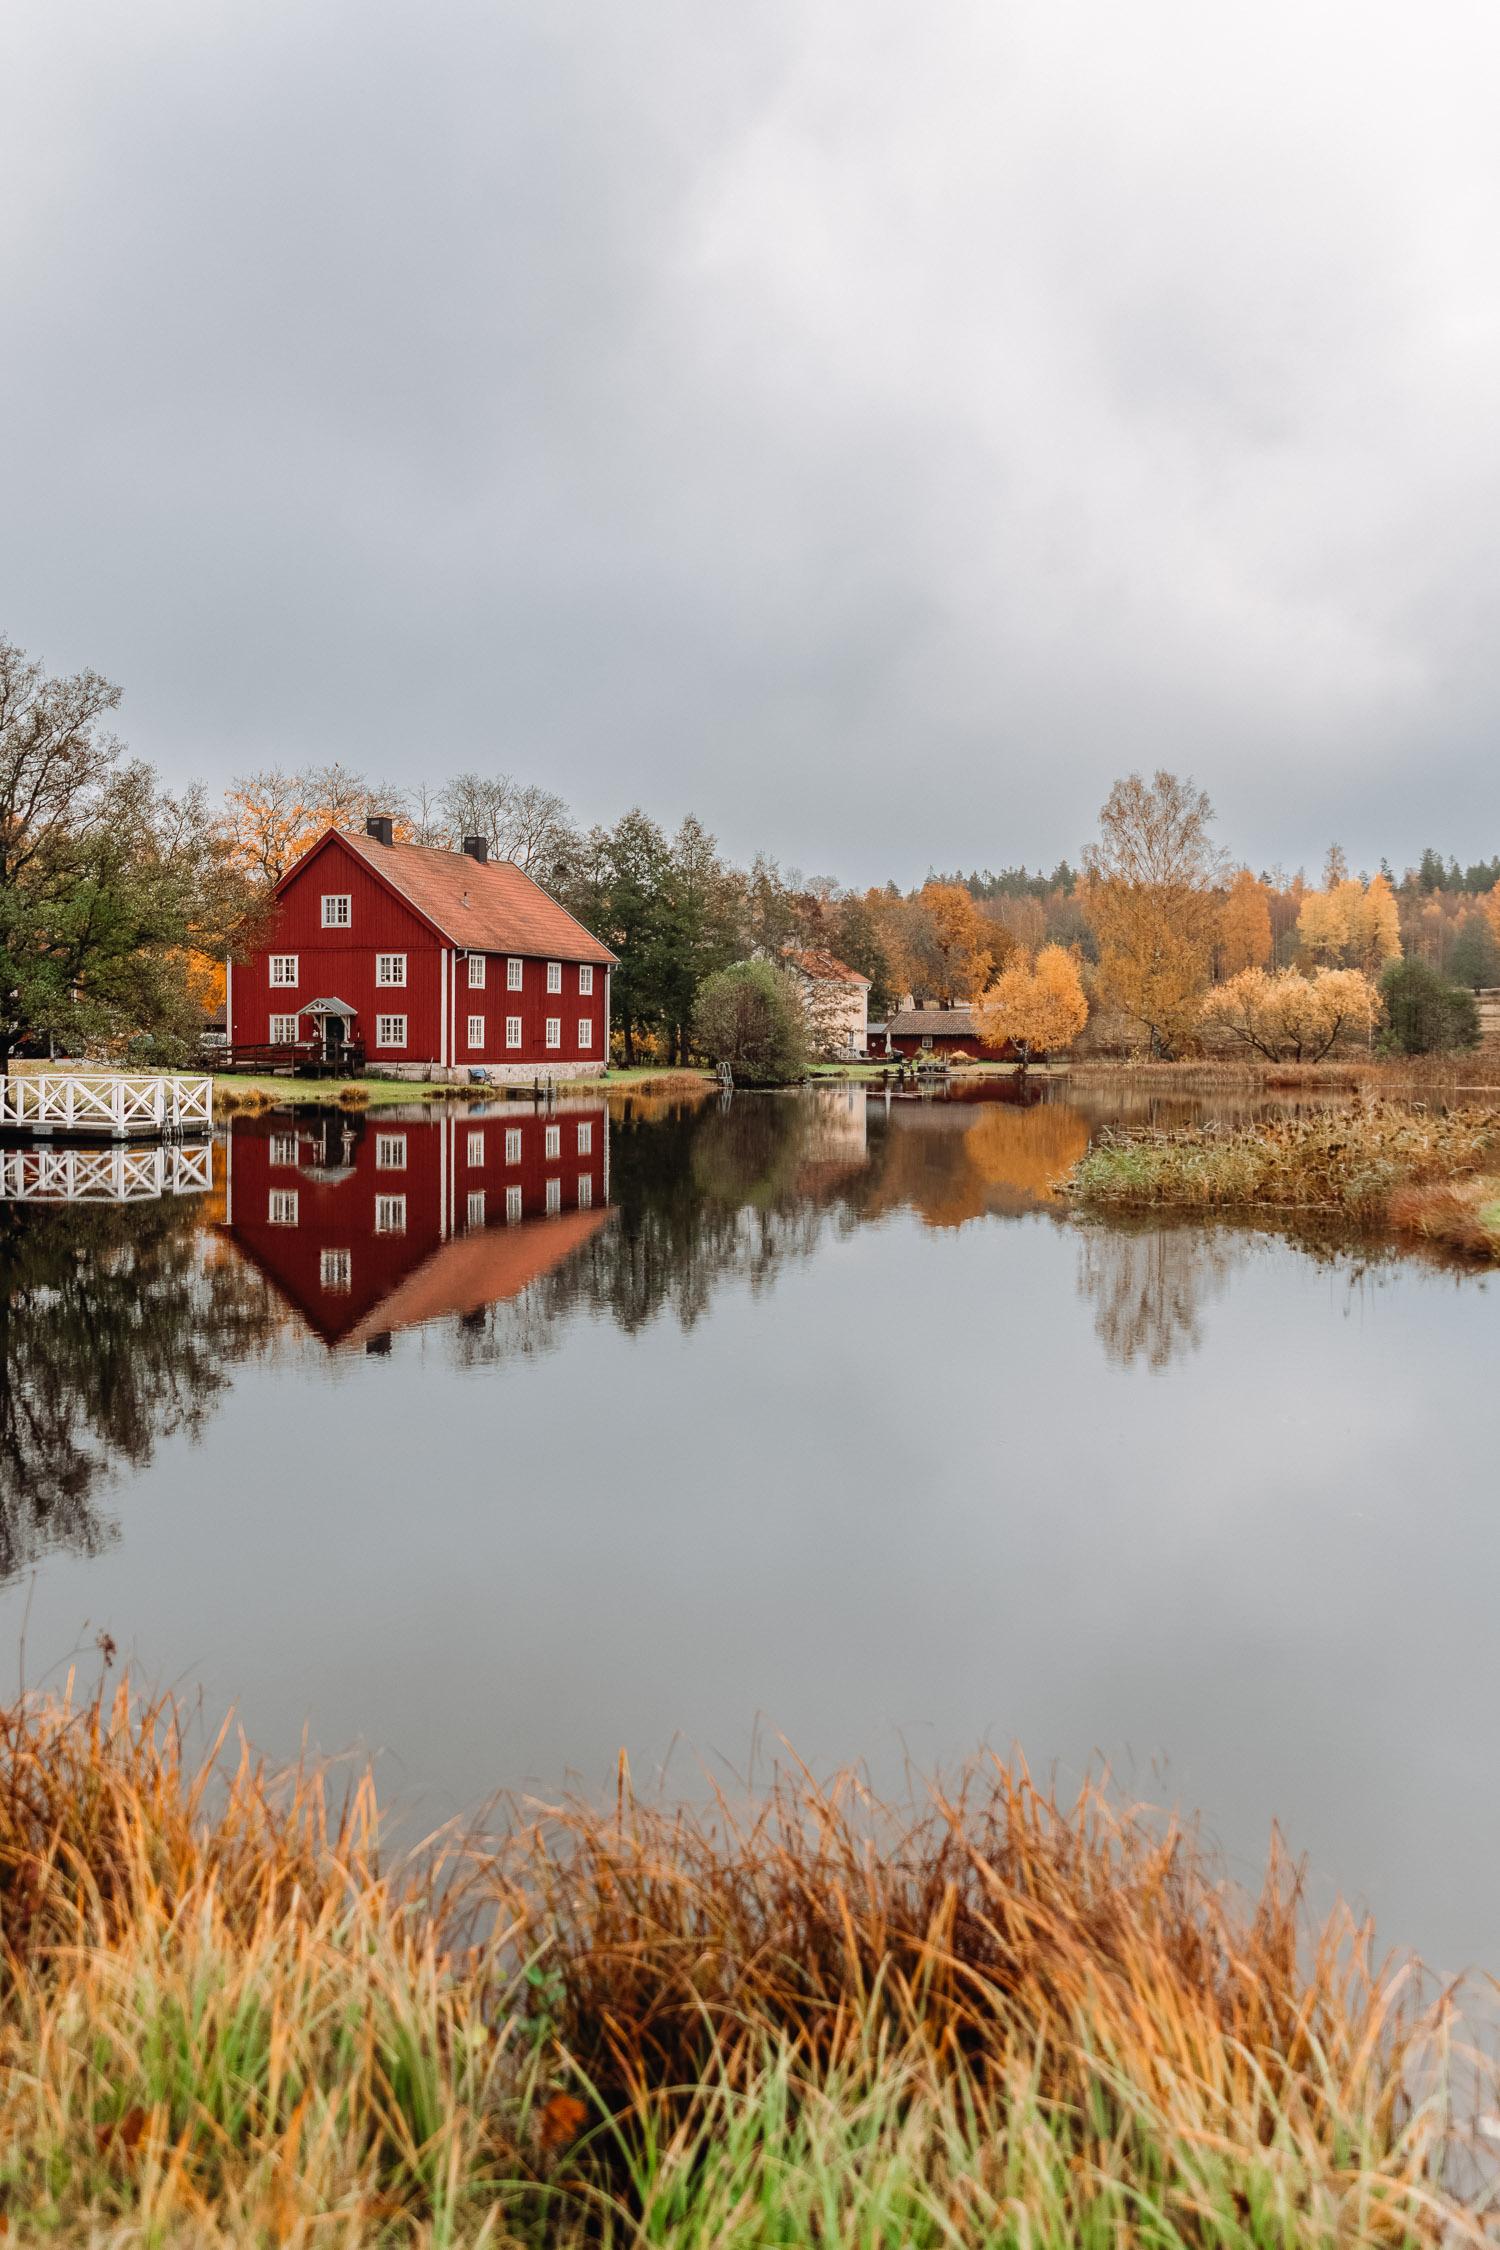 Rött trähus med vita knutar och färgglada höstträd speglas i vattnet i Brevens Bruk, Örebro